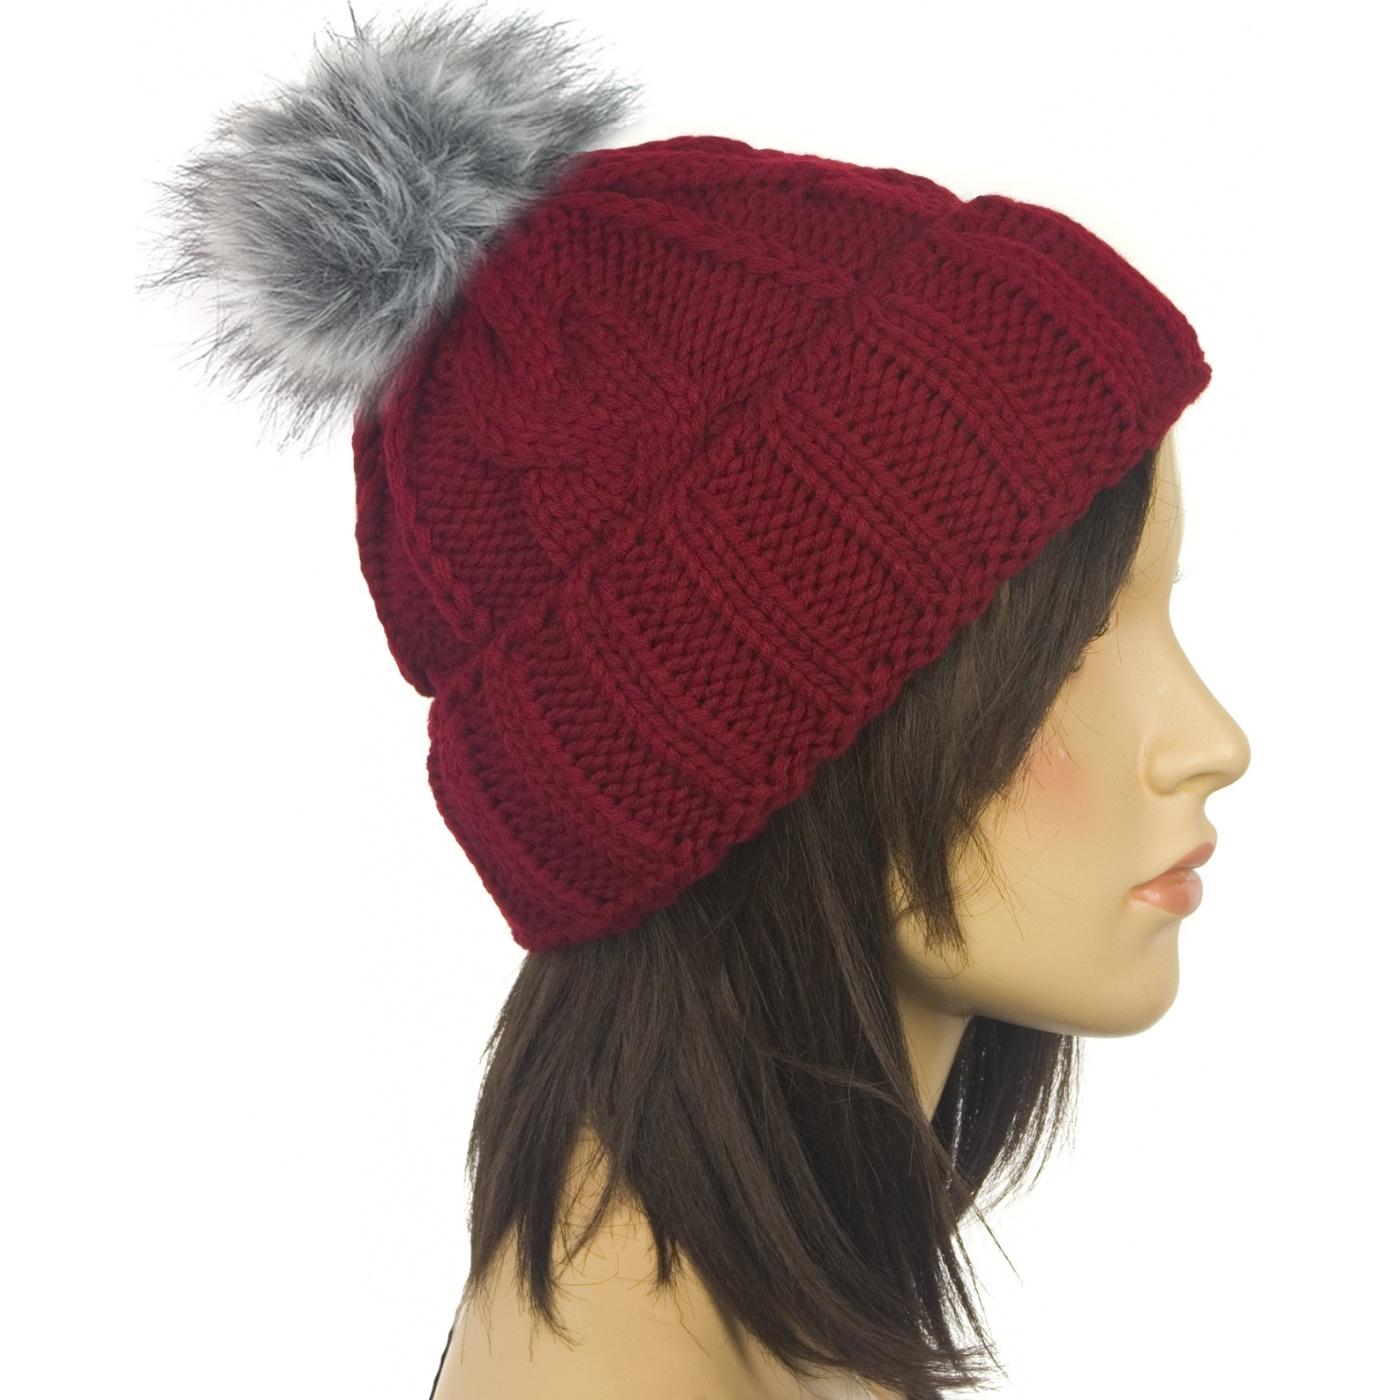 Damska czapka zimowa z pomponem bordowa